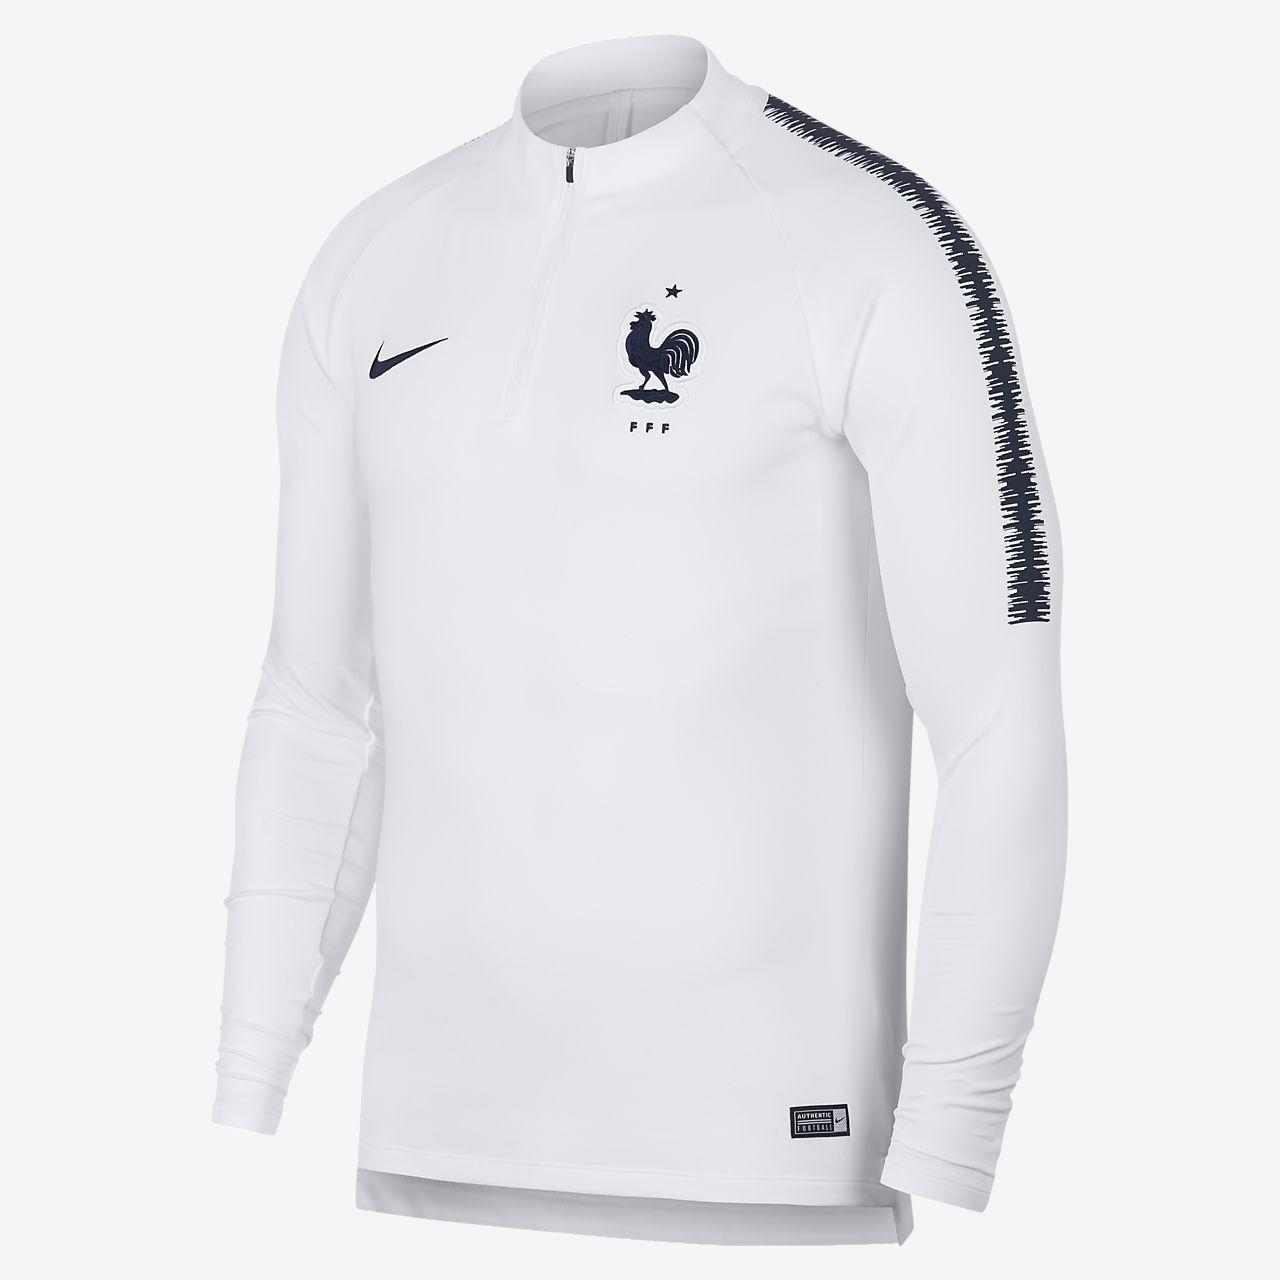 9c40e10e33d1 FFF Dri-FIT Squad Drill Men s Long-Sleeve Football Top. Nike.com DK